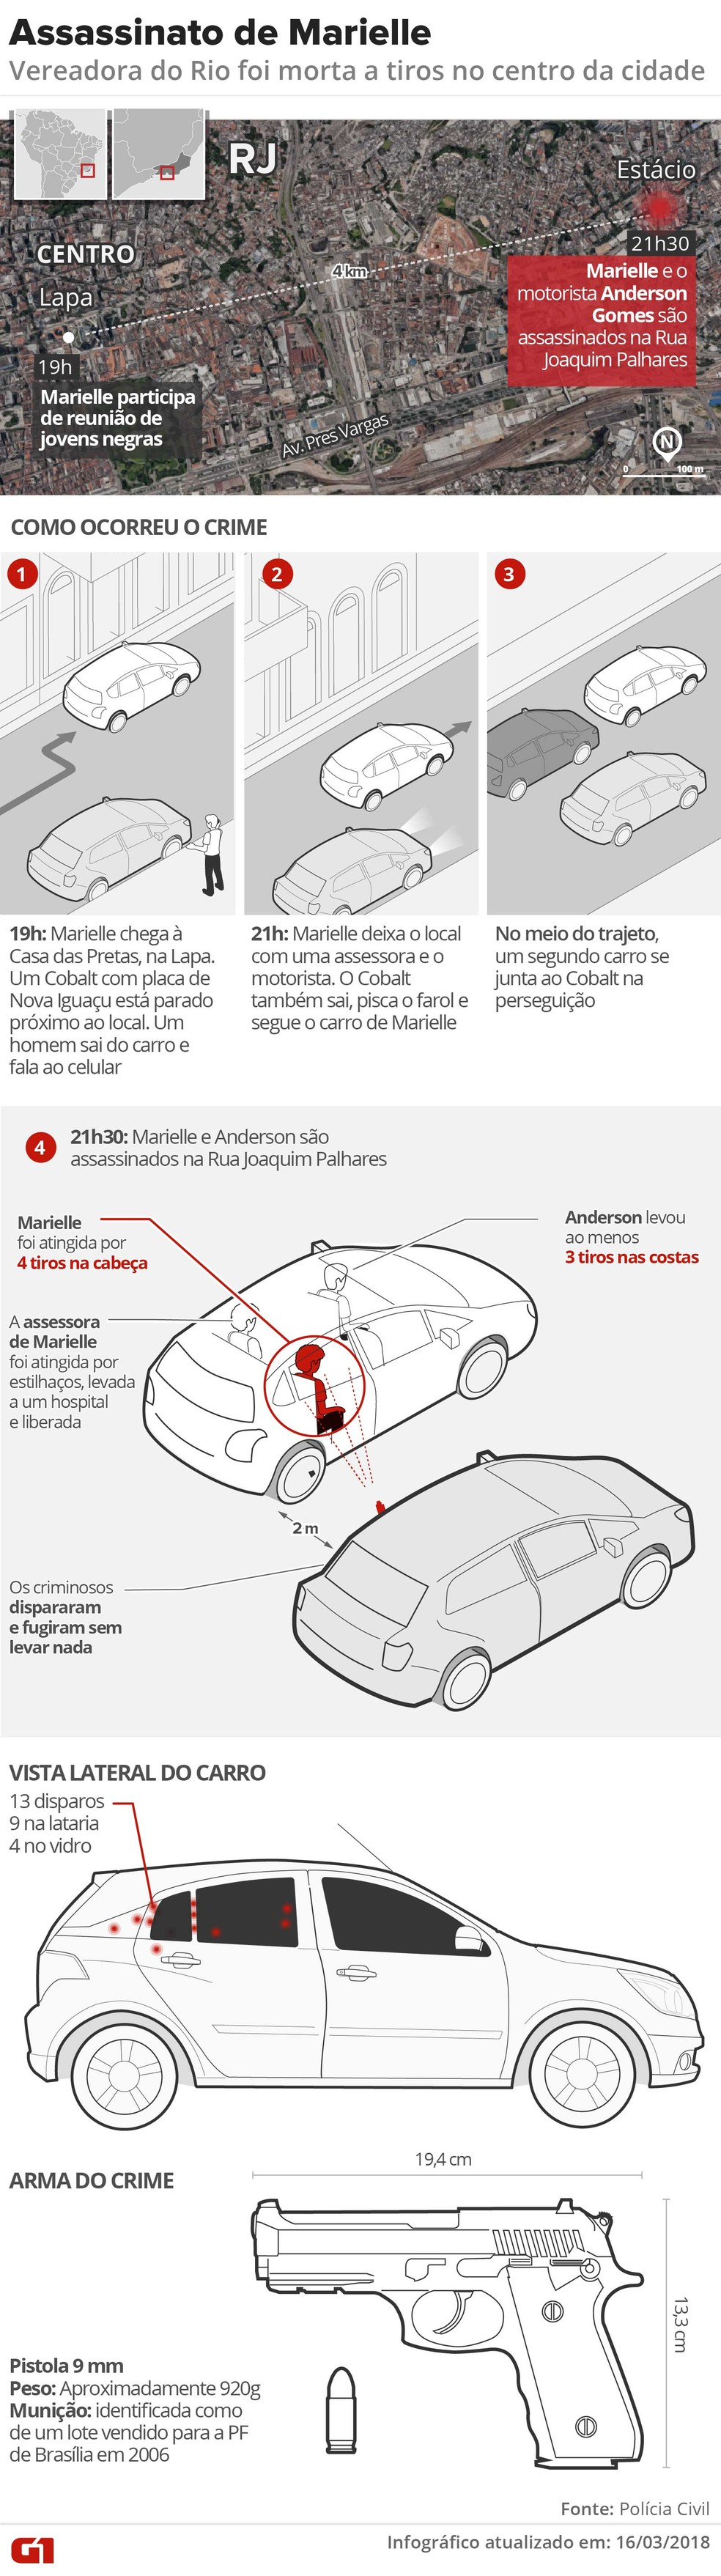 Infográfico mostra como ocorreu o assassinato de Marielle Franco e Anderson Gomes, segundo as investigações (Foto: Alexadre Mauro, Betta Jaworski, Igor Estrella, Juliane Monteiro e Karina Almeida/G1)